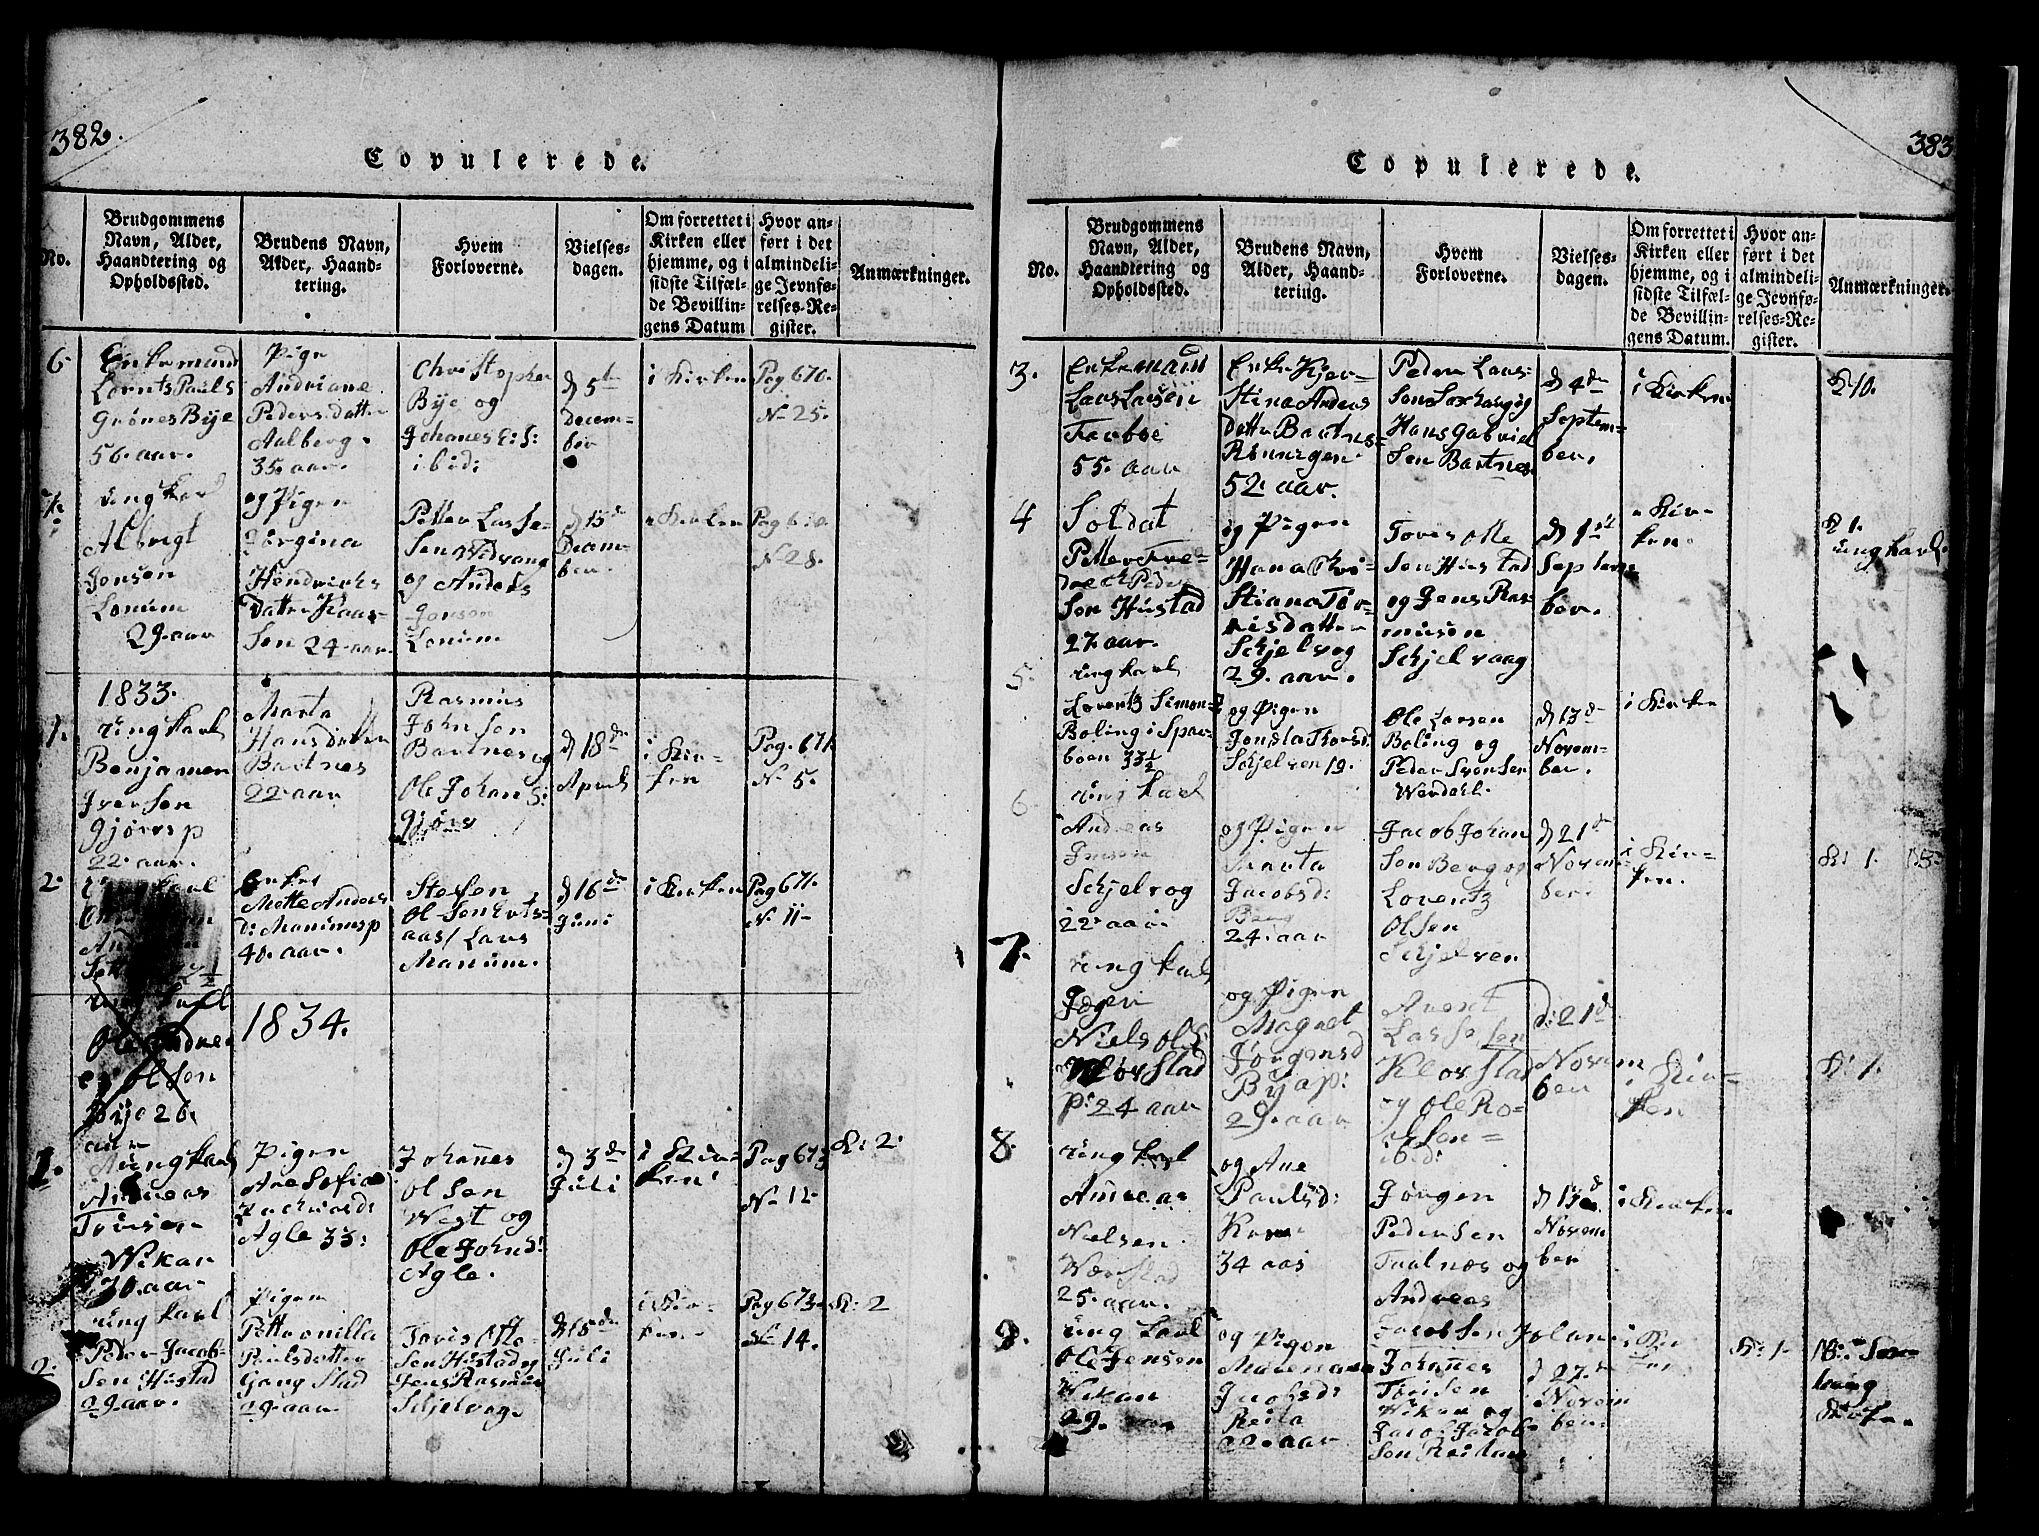 SAT, Ministerialprotokoller, klokkerbøker og fødselsregistre - Nord-Trøndelag, 732/L0317: Klokkerbok nr. 732C01, 1816-1881, s. 382-383